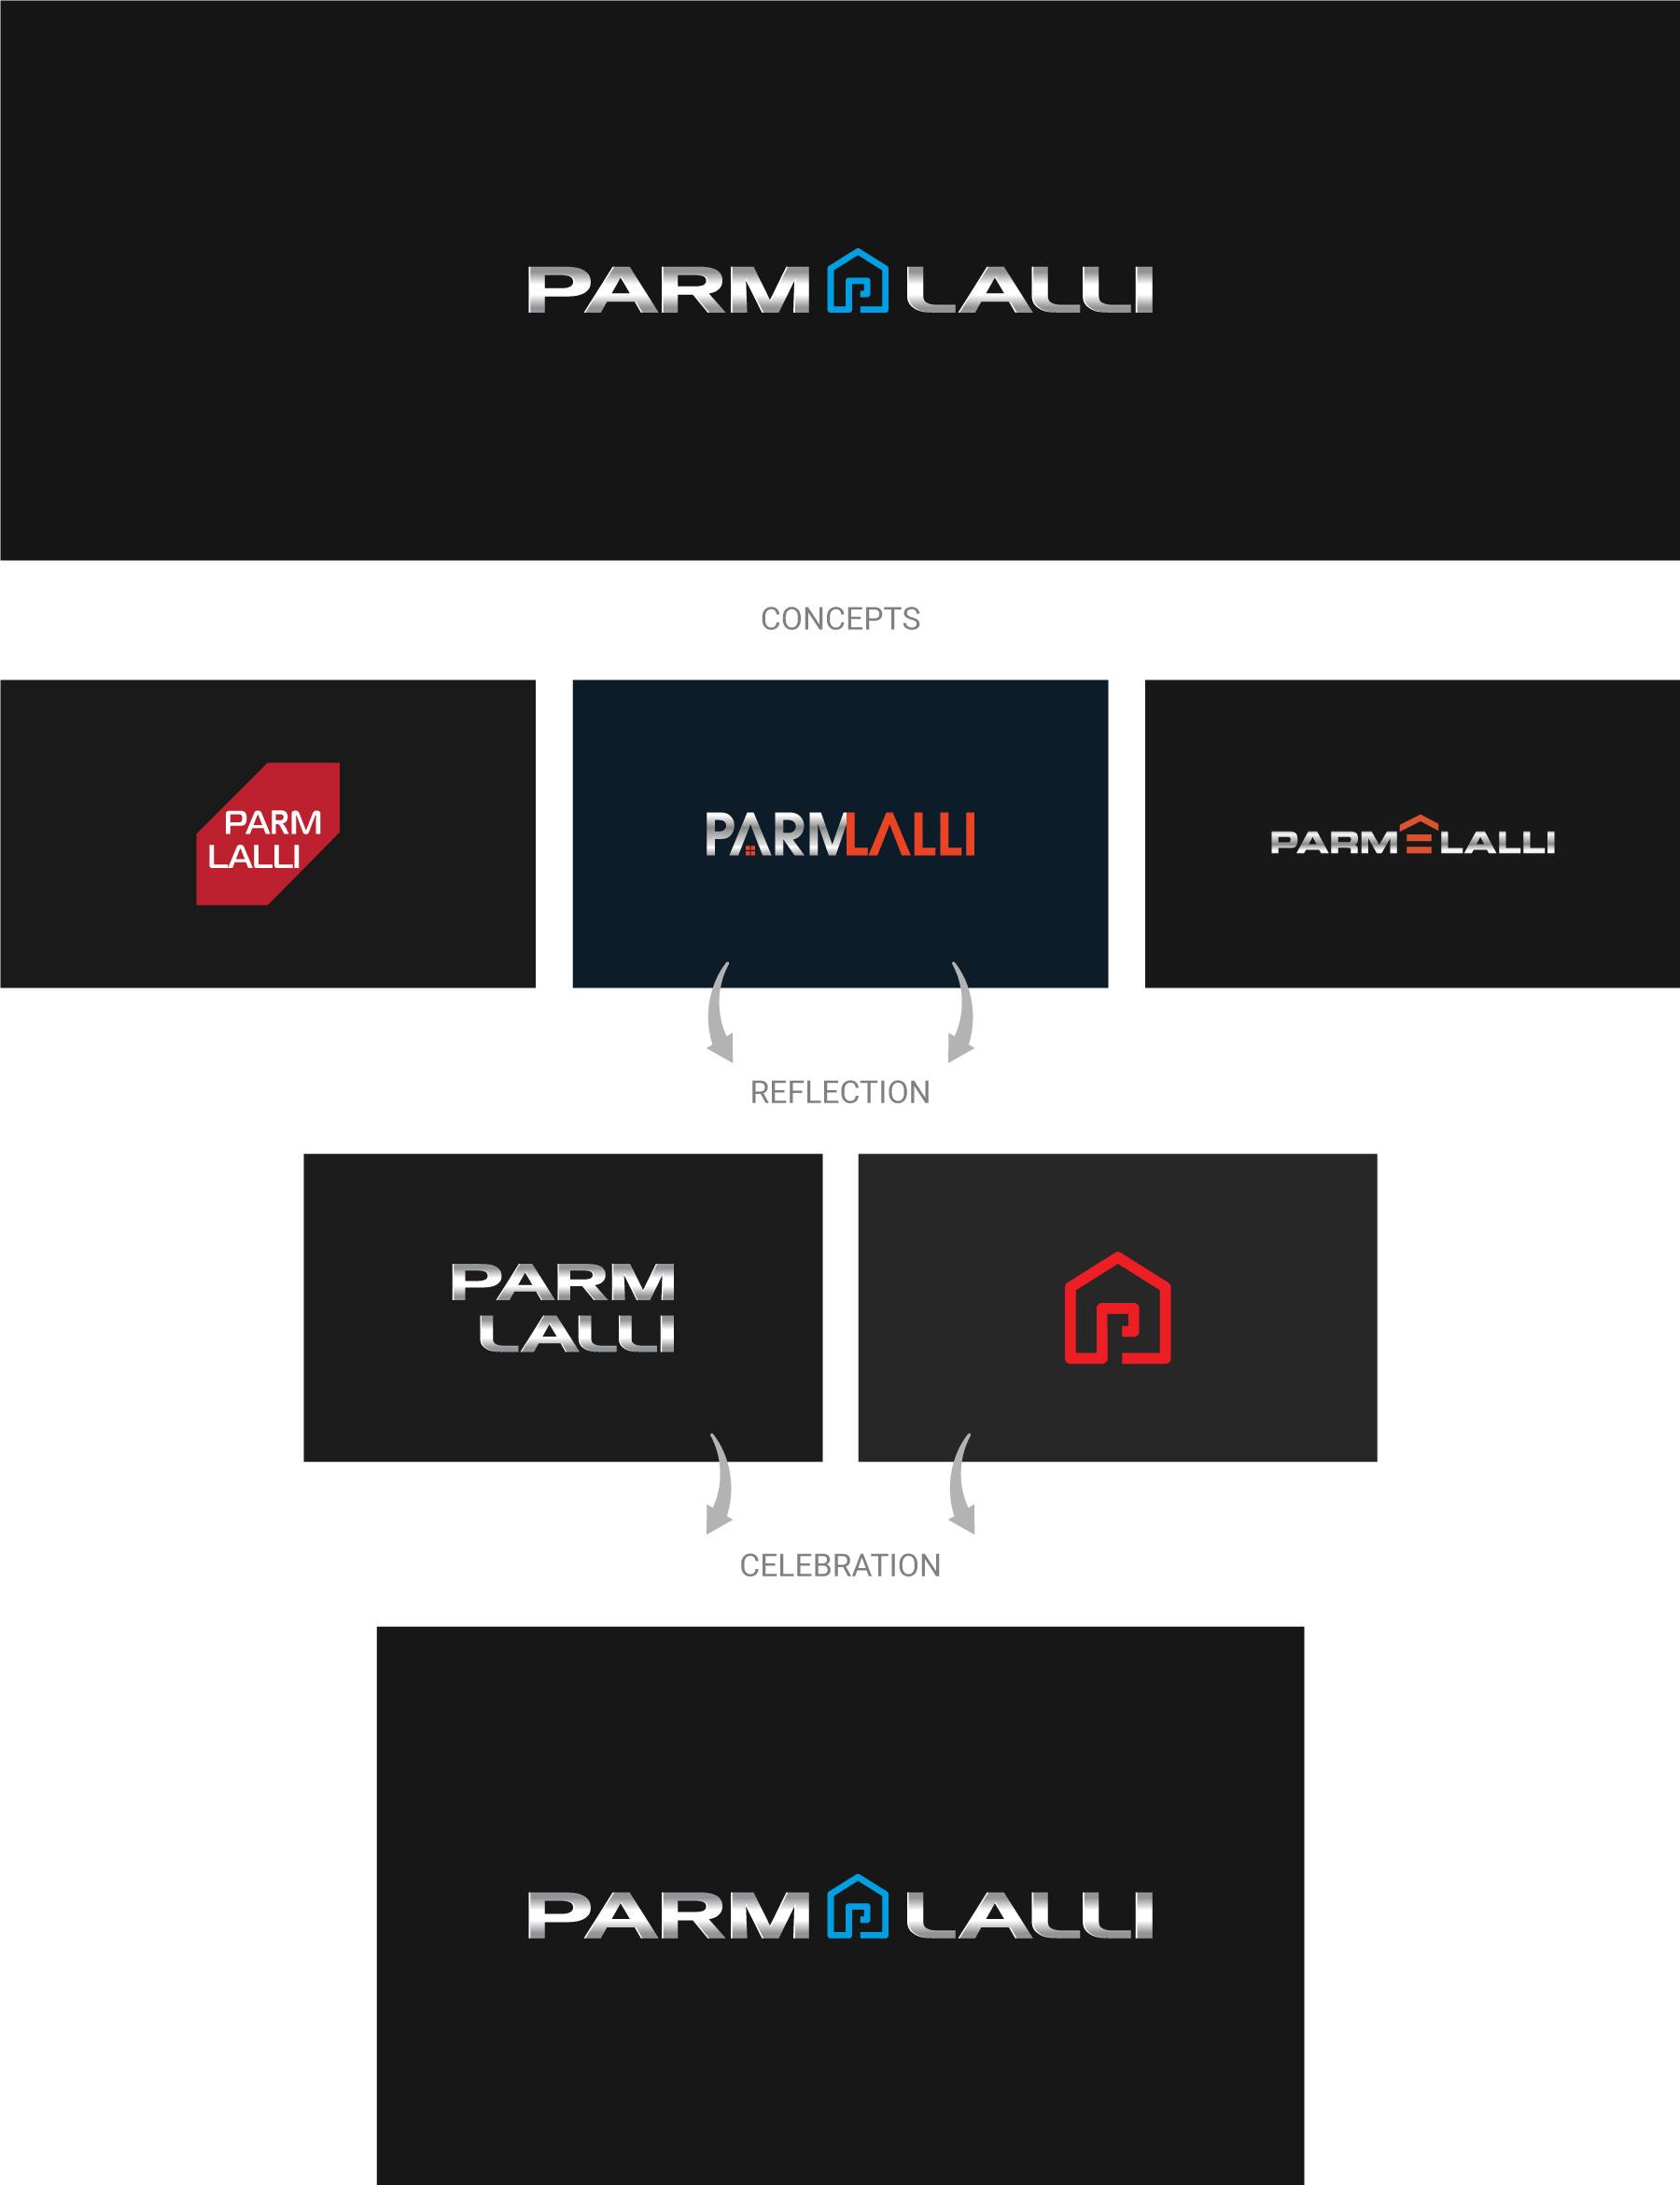 Parm-lalli-logo-design